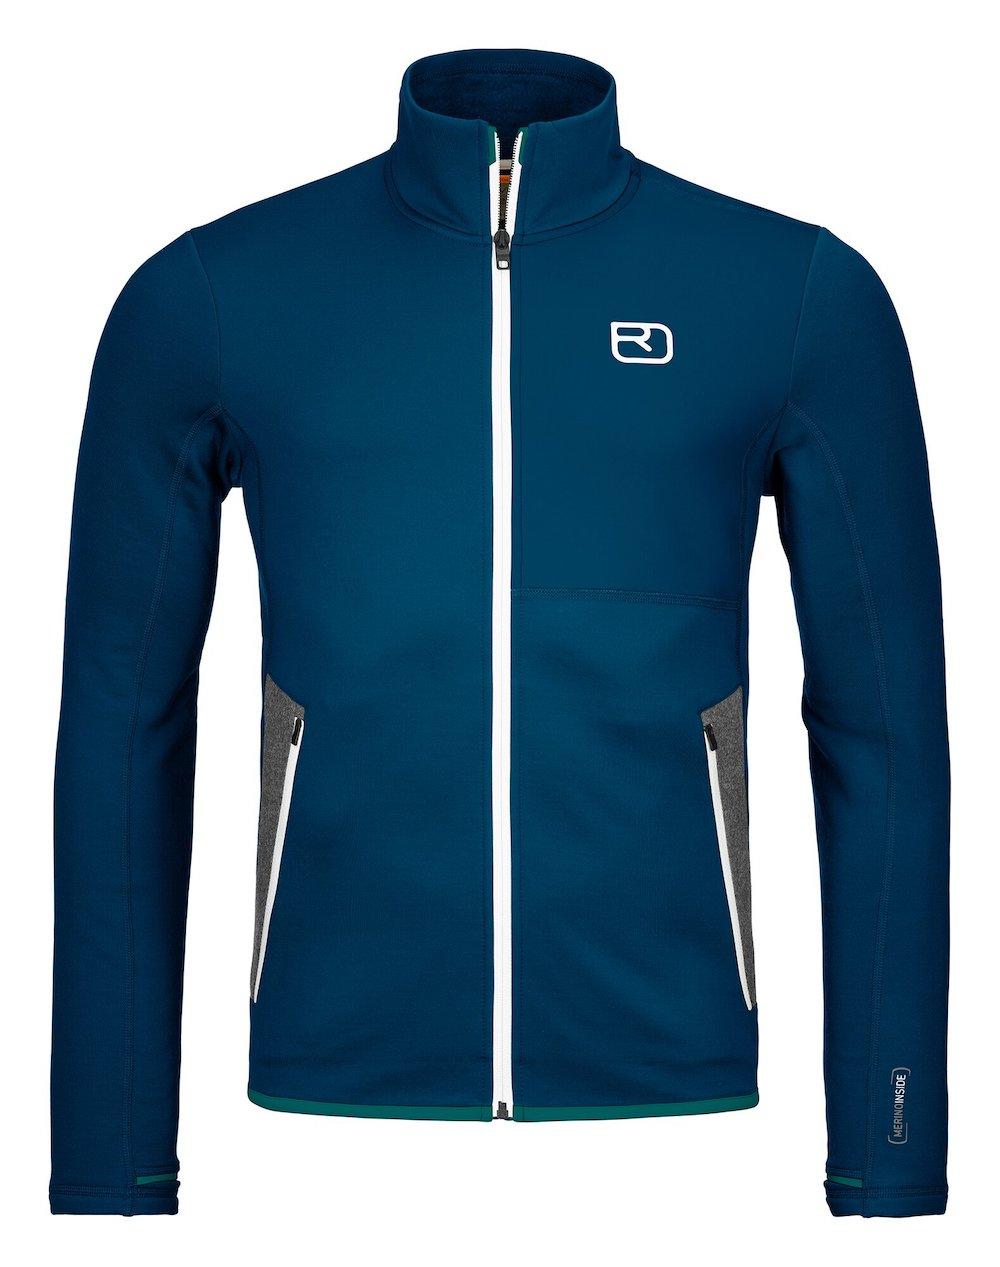 Ortovox - Fleece Jacket M, Fleece Jacke